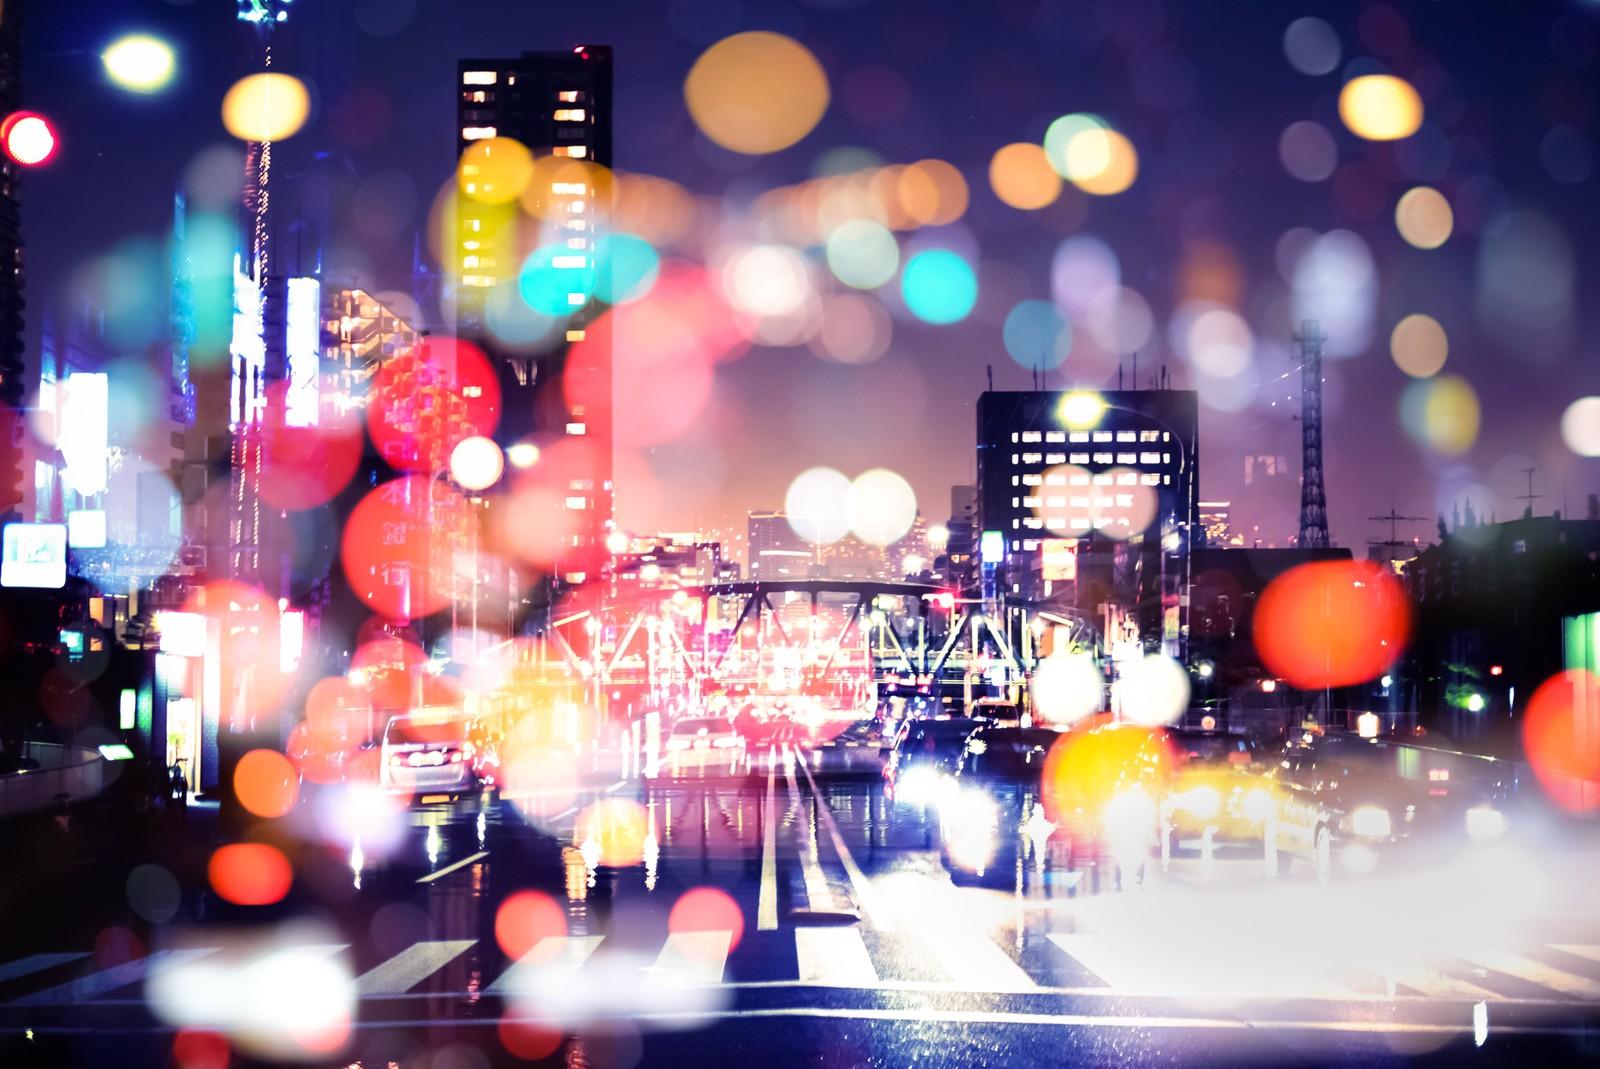 関西夜景スポットのおすすめは?ドライブやデートに人気の穴場や工場夜景も!